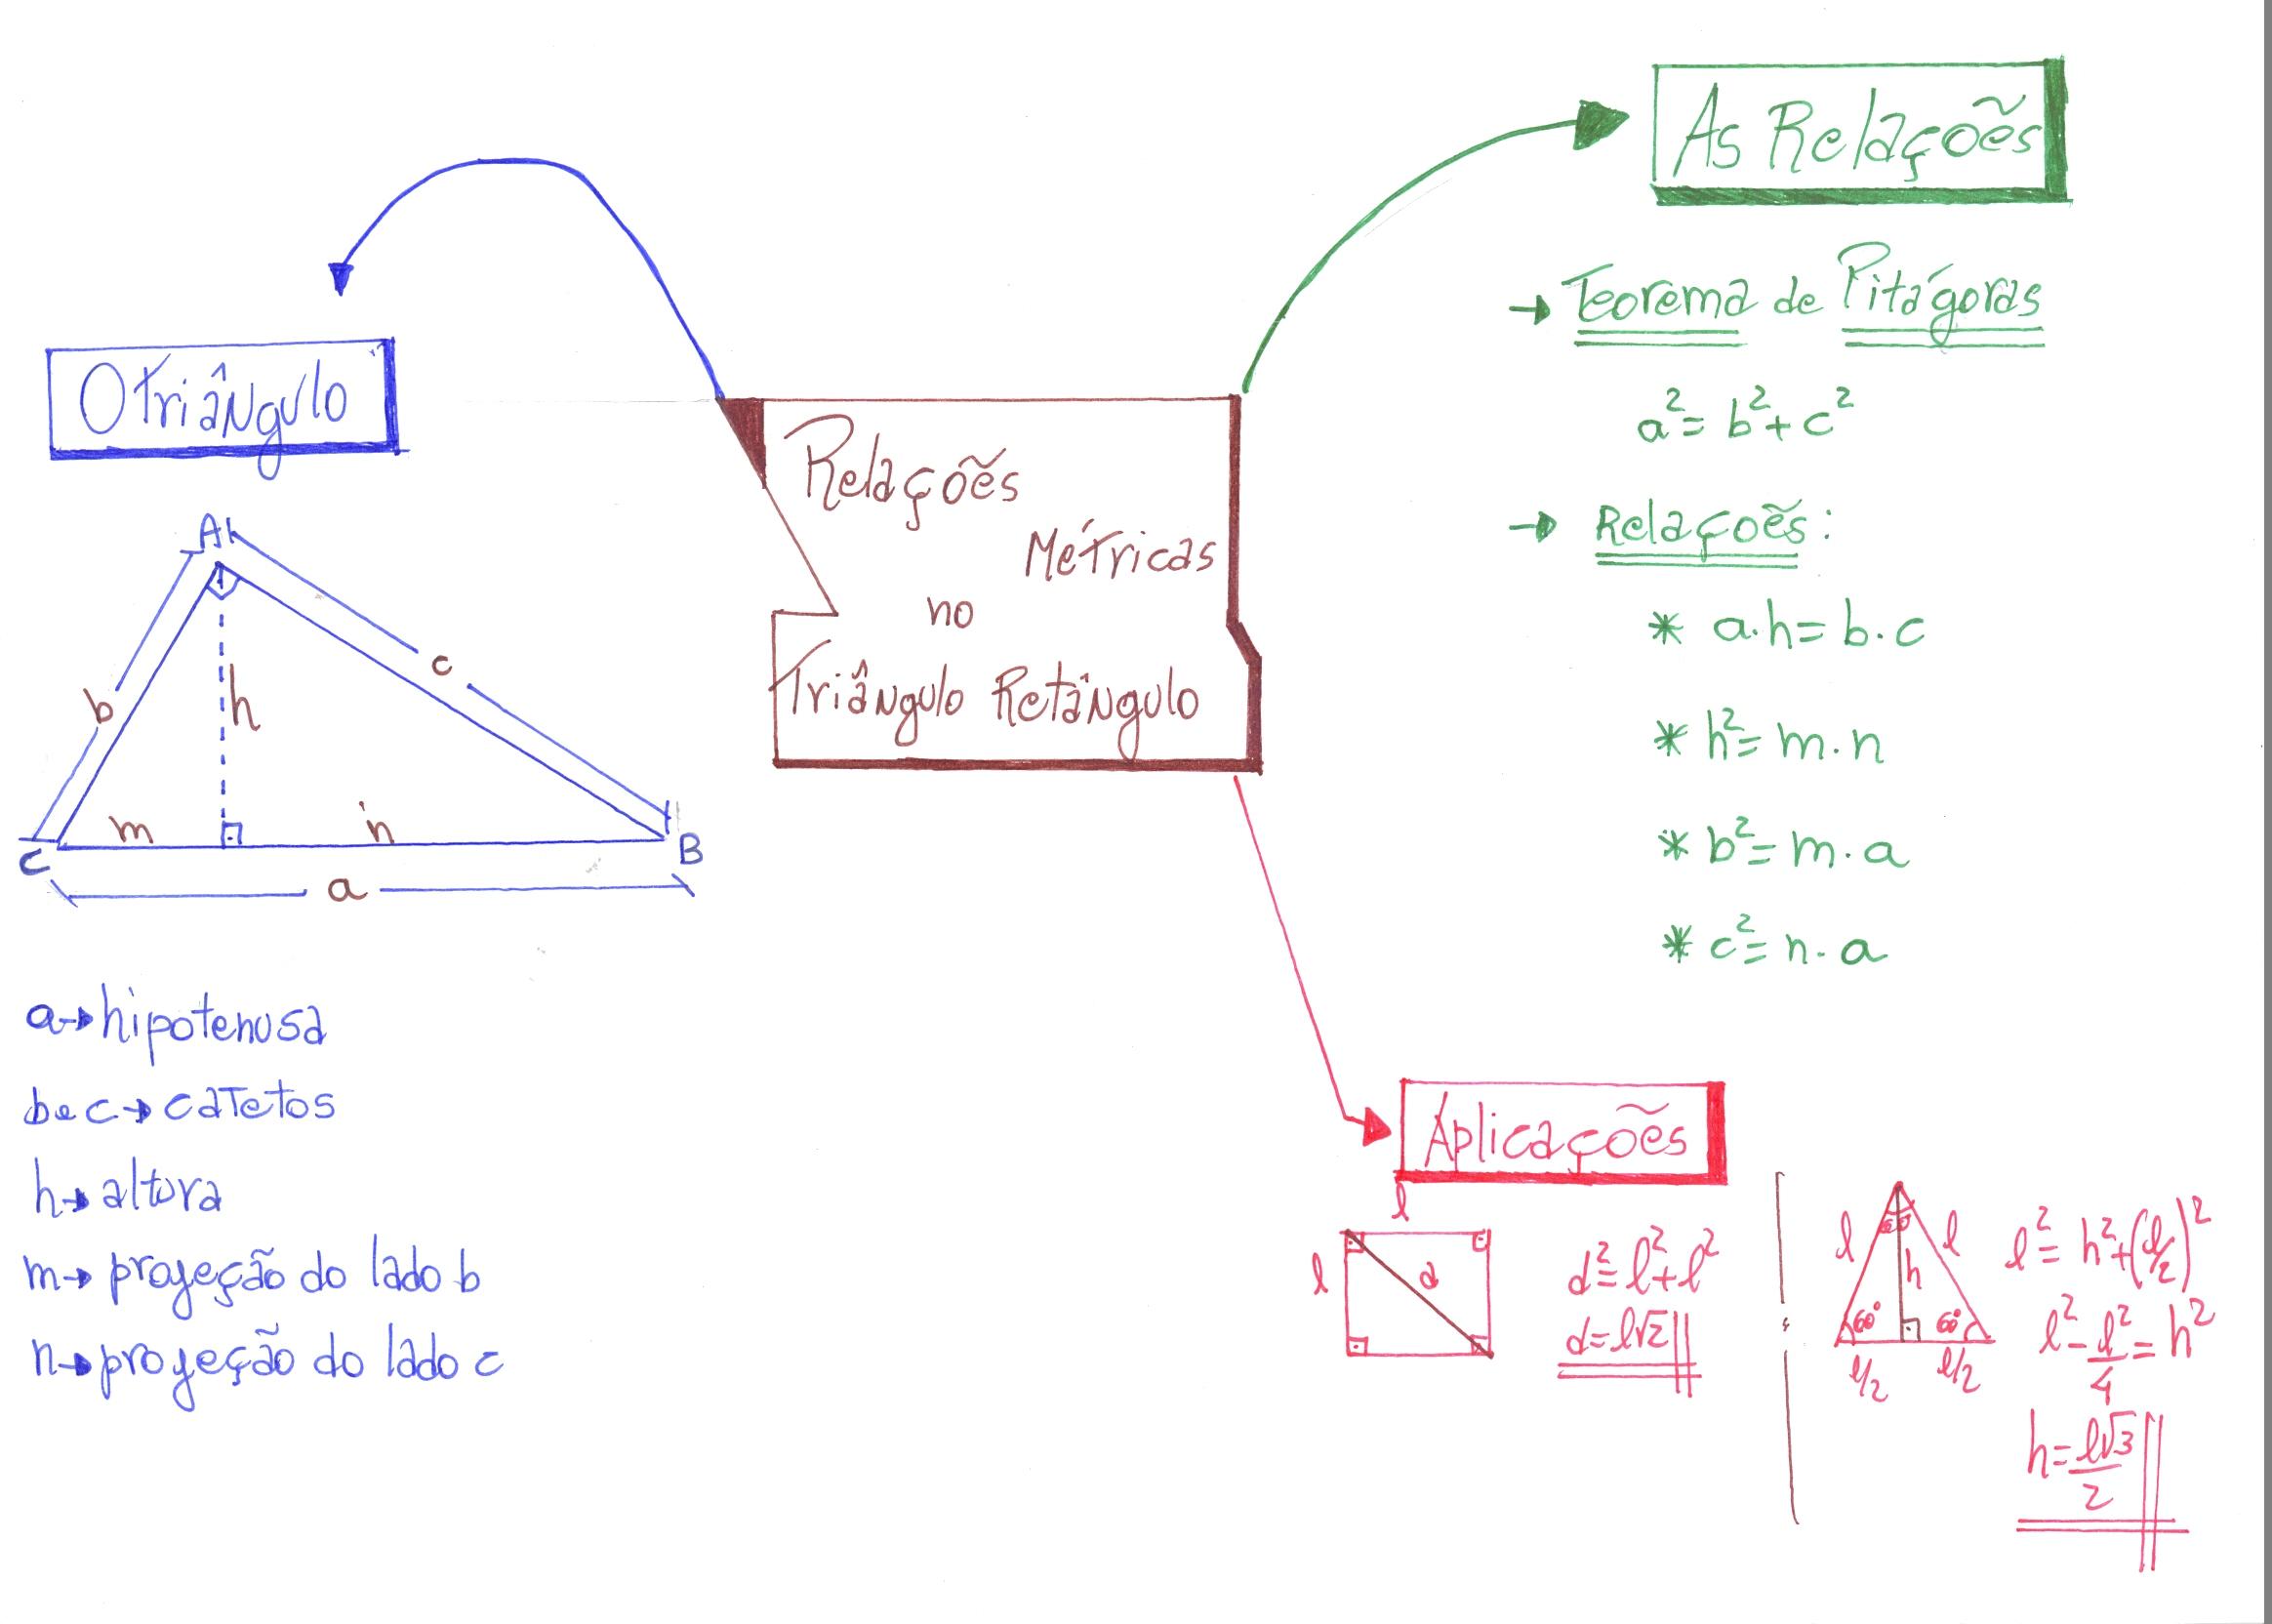 mapa-matematica-artur-triangulo-retangulo